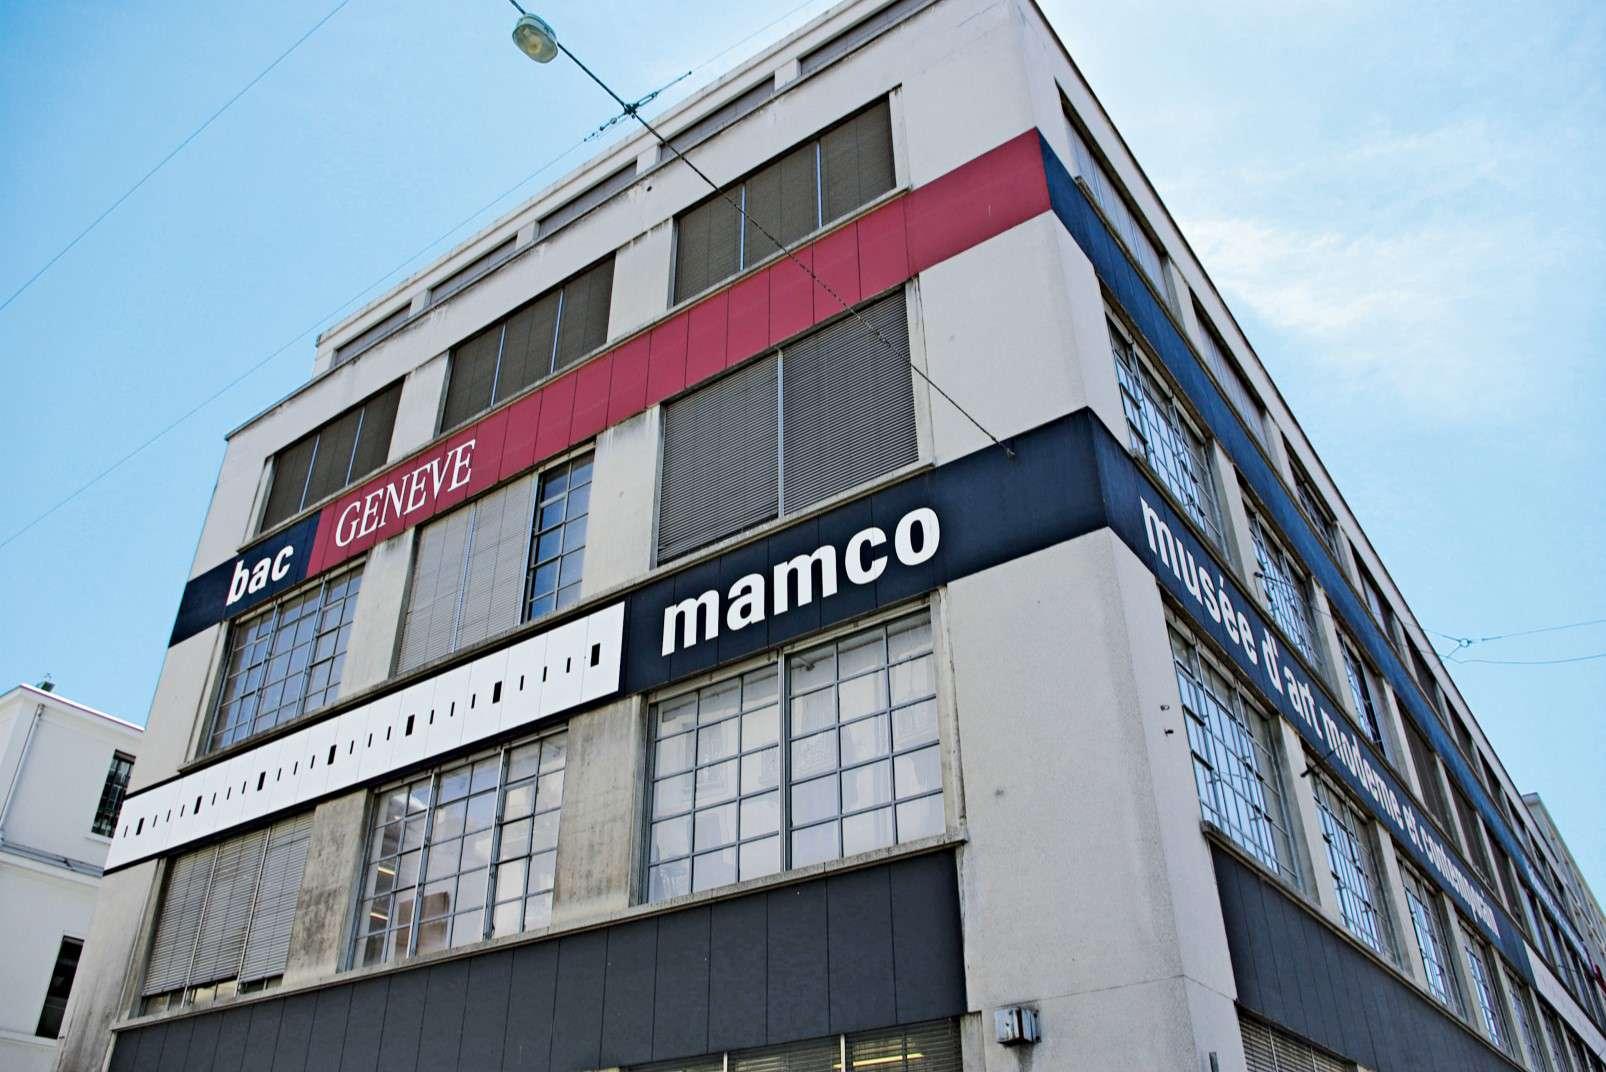 Geneva MAMCO